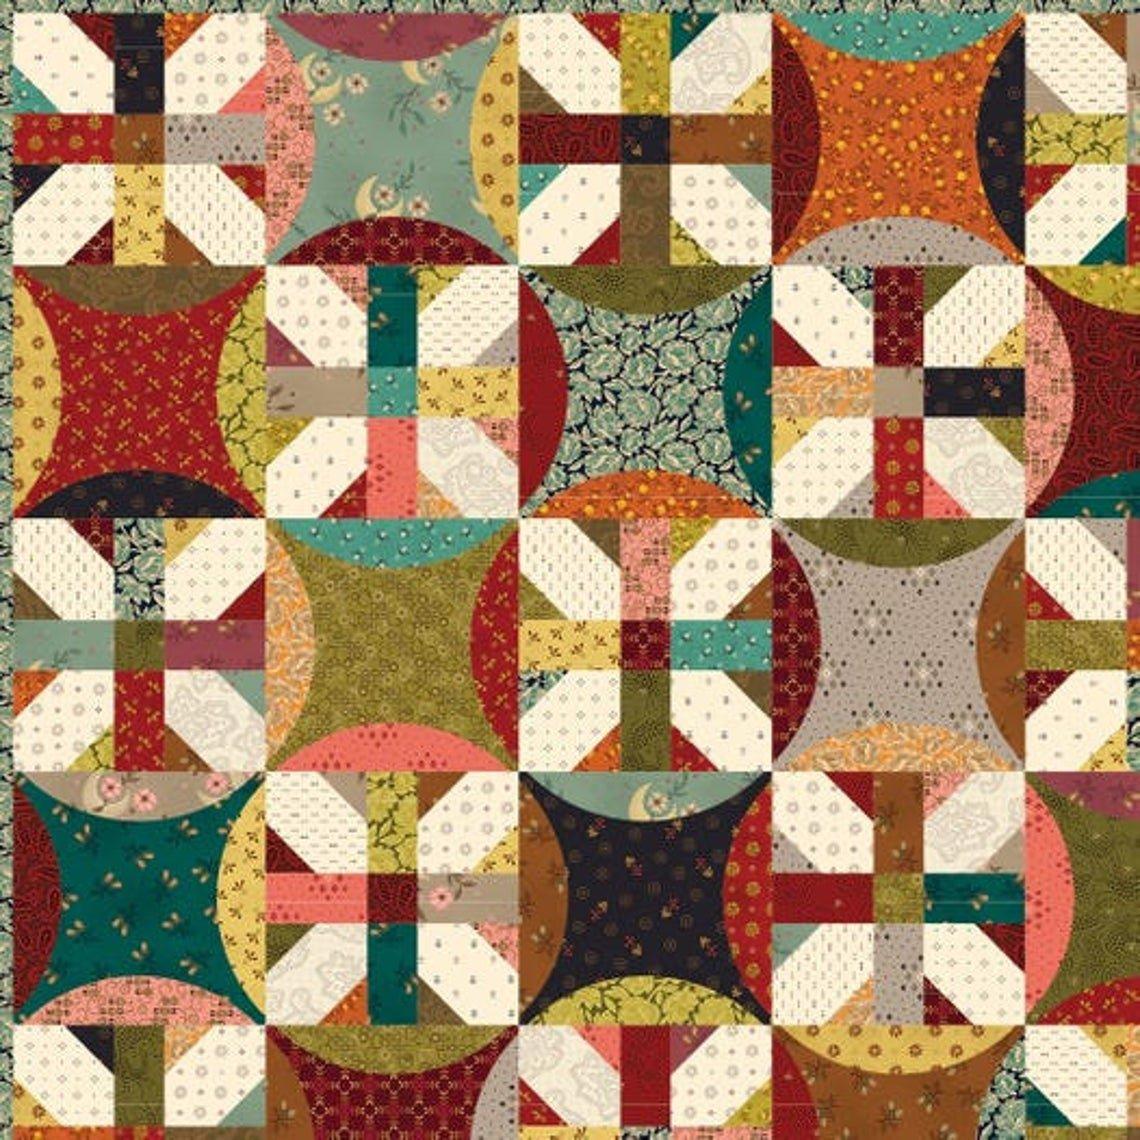 Heartstrings -Kim Diehl's Simple Whatnots Kit -25 1/2x25 1/2